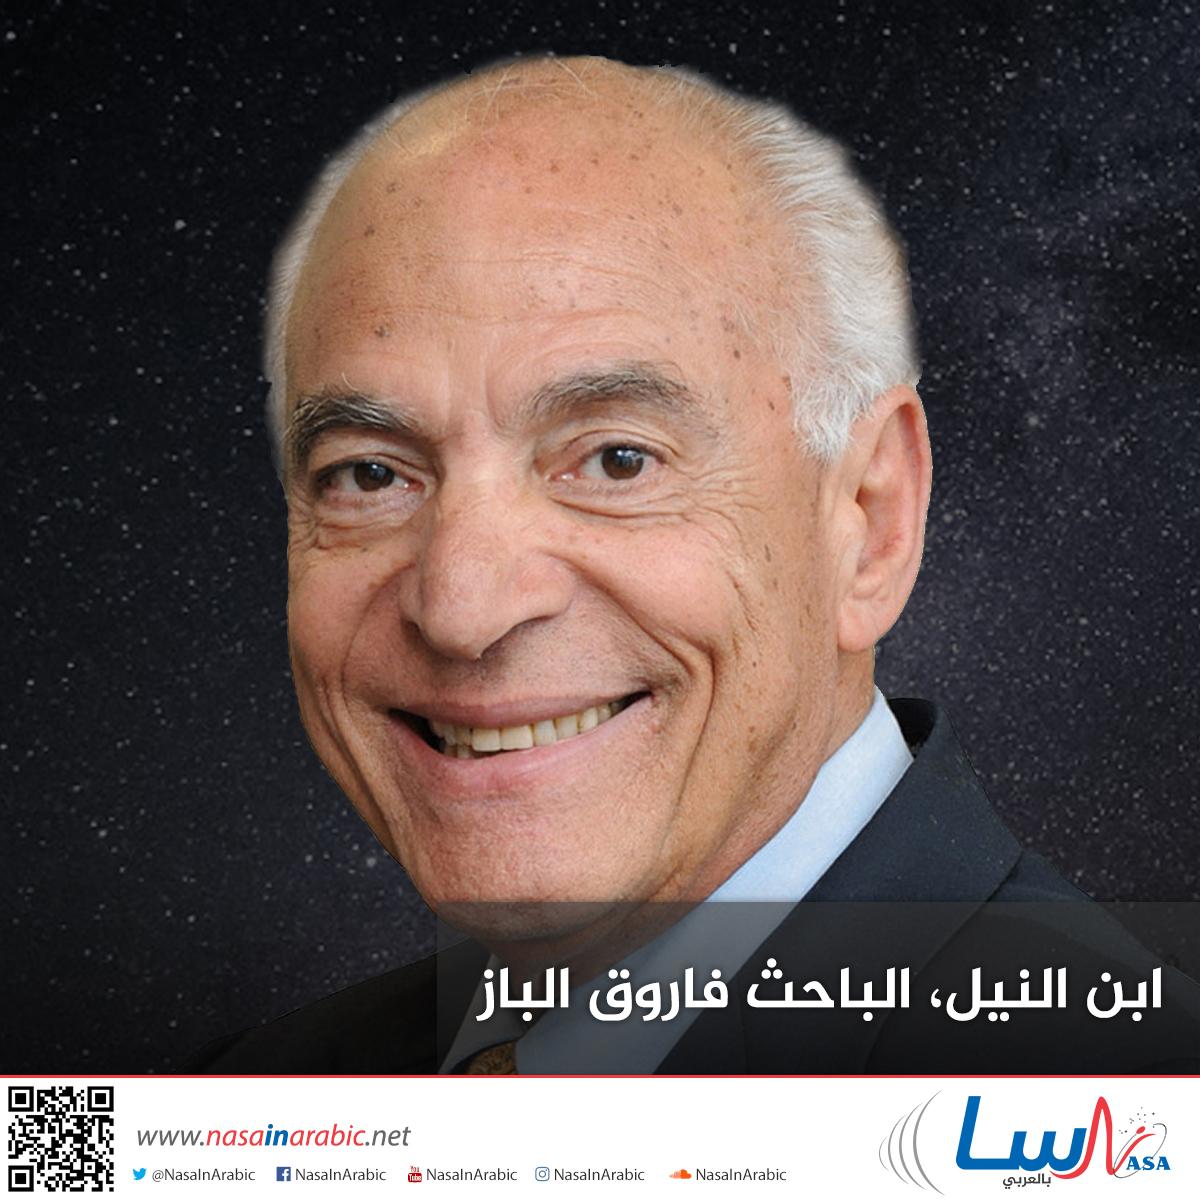 ابن النيل، الباحث فاروق الباز